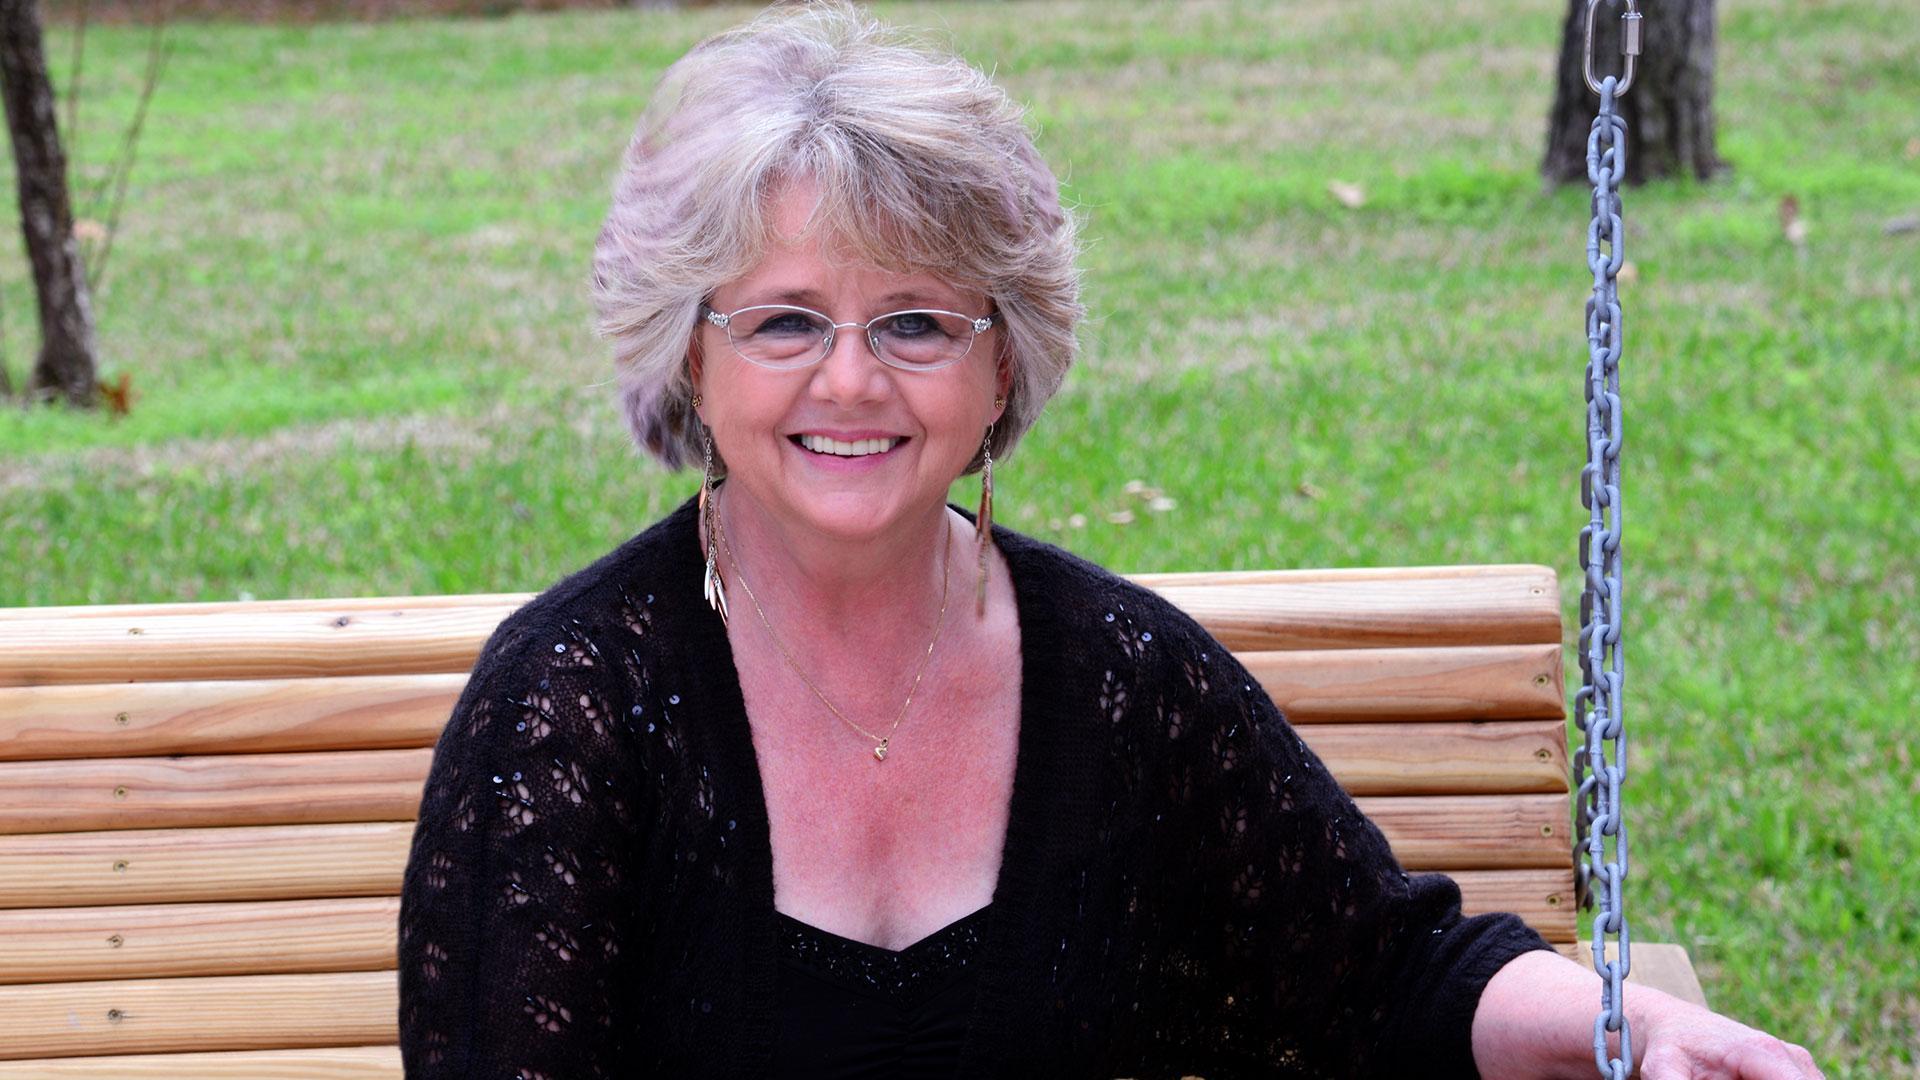 Lynn Cheney